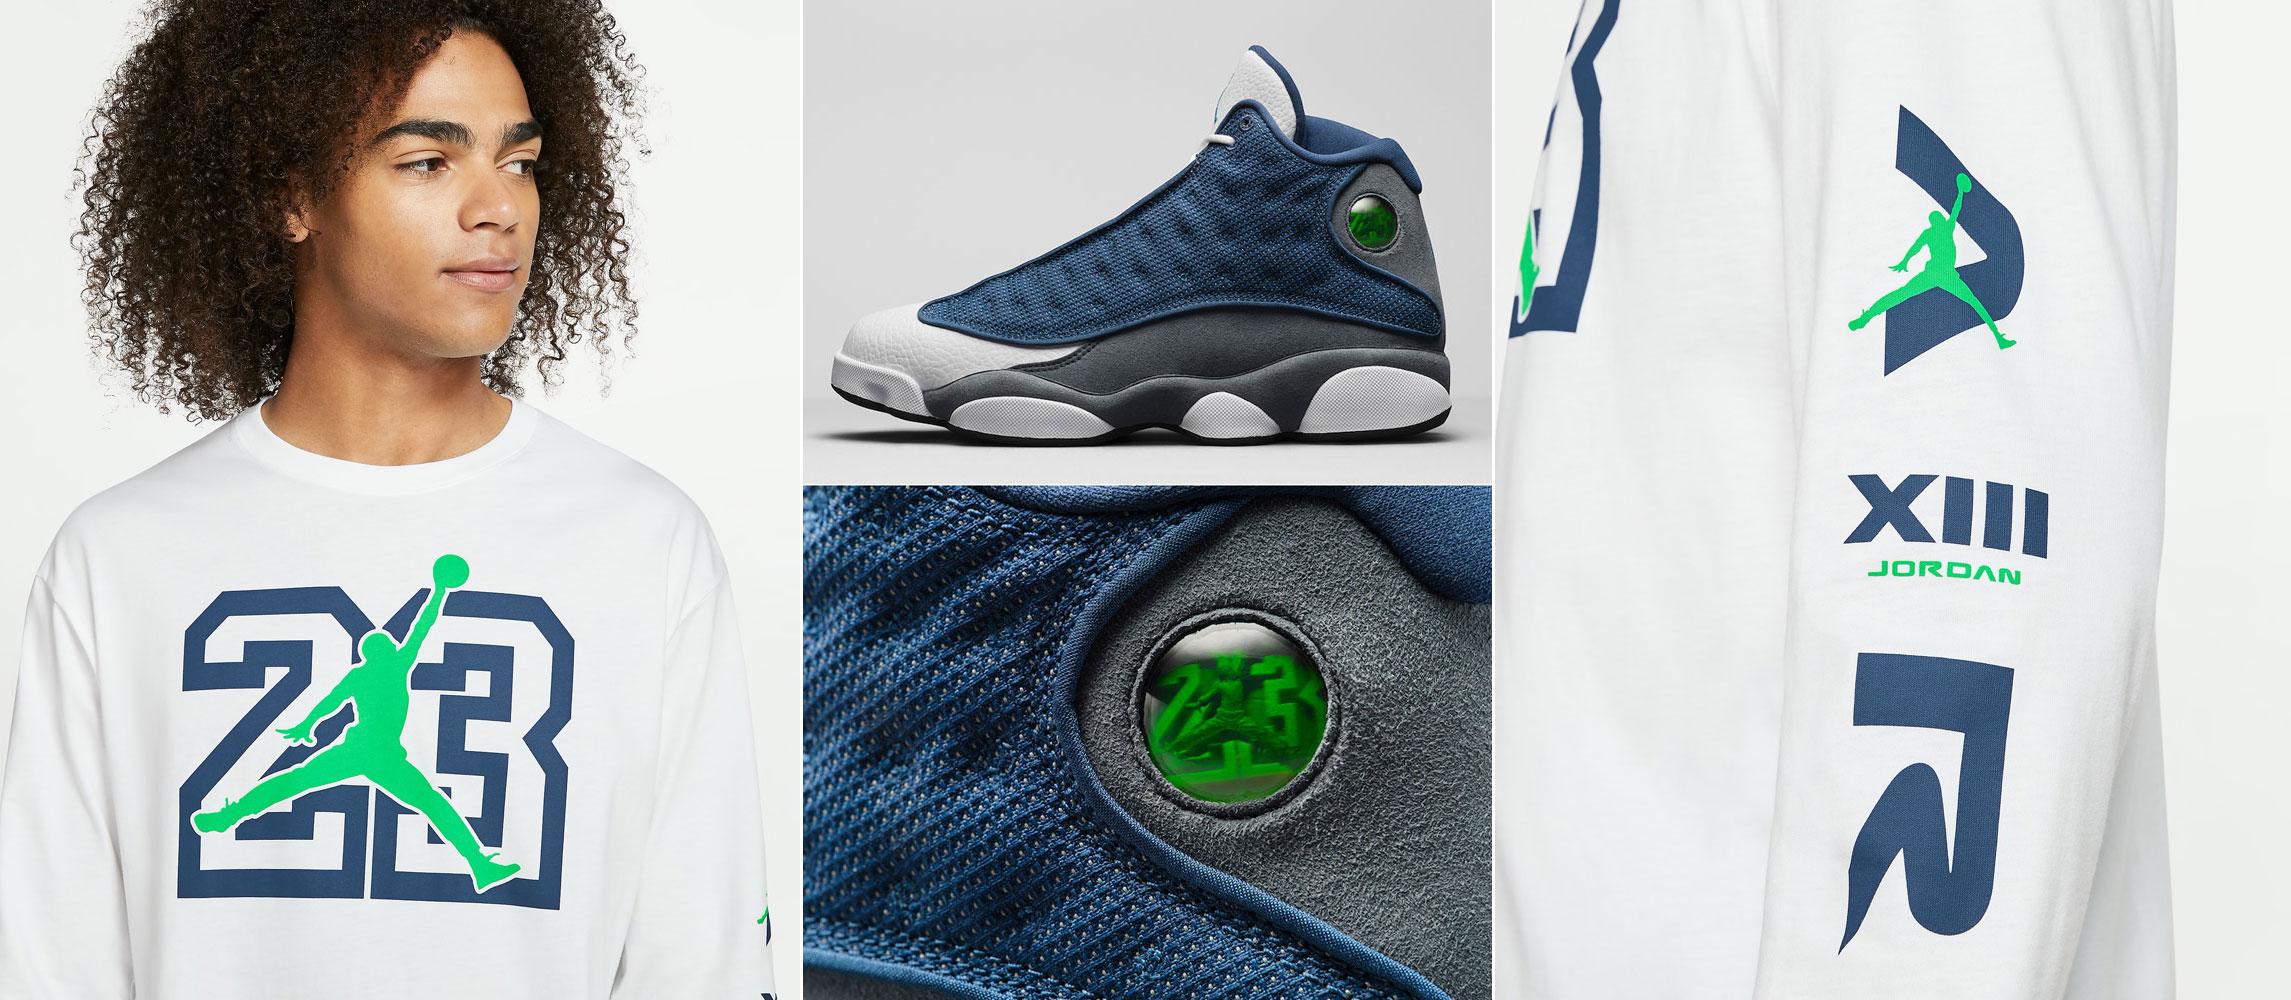 air-jordan-13-flint-2020-long-sleeve-shirt